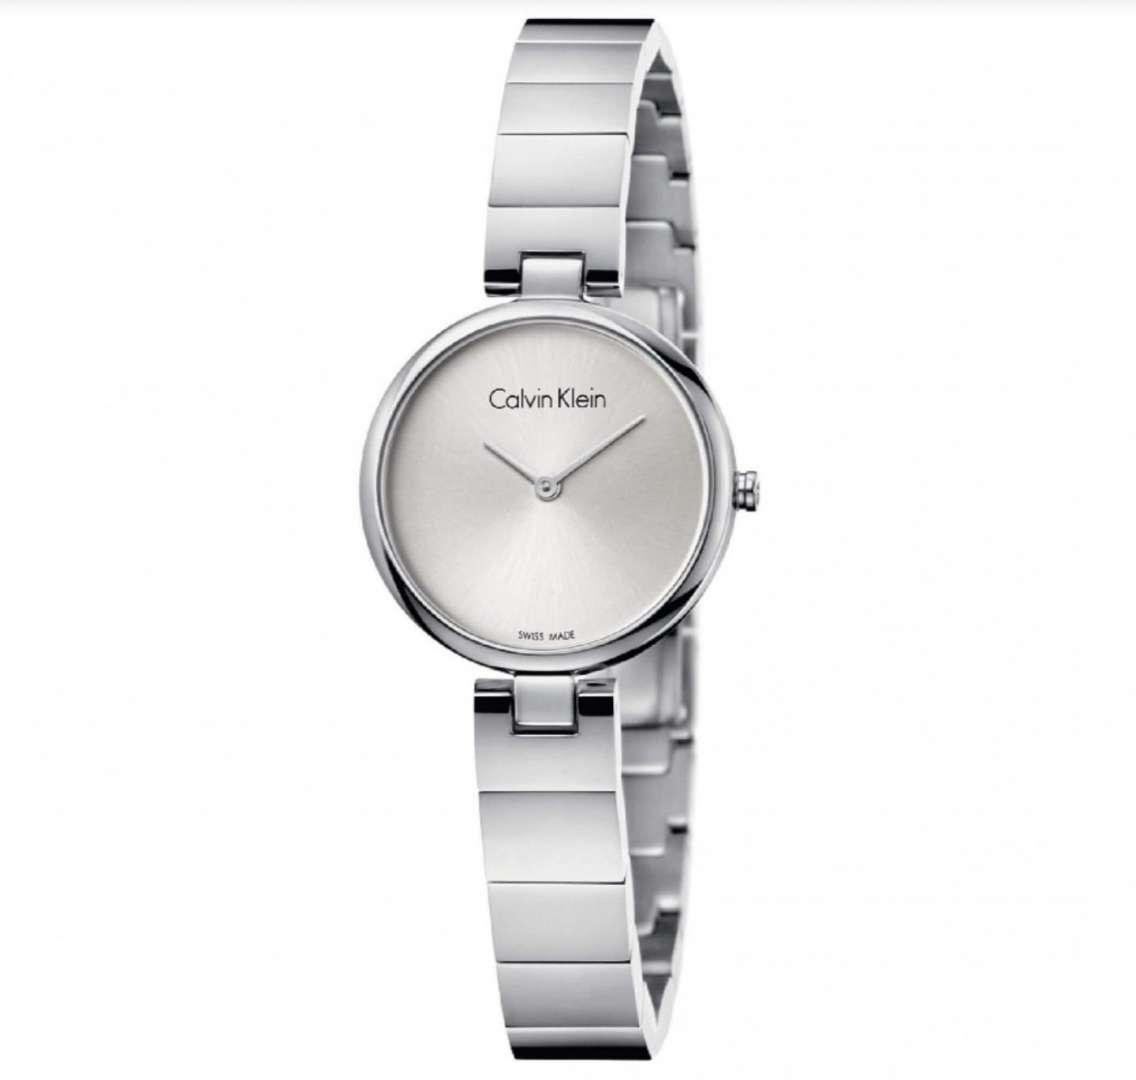 שעון יד אנלוגי calvin klein K3G23146 קלווין קליין